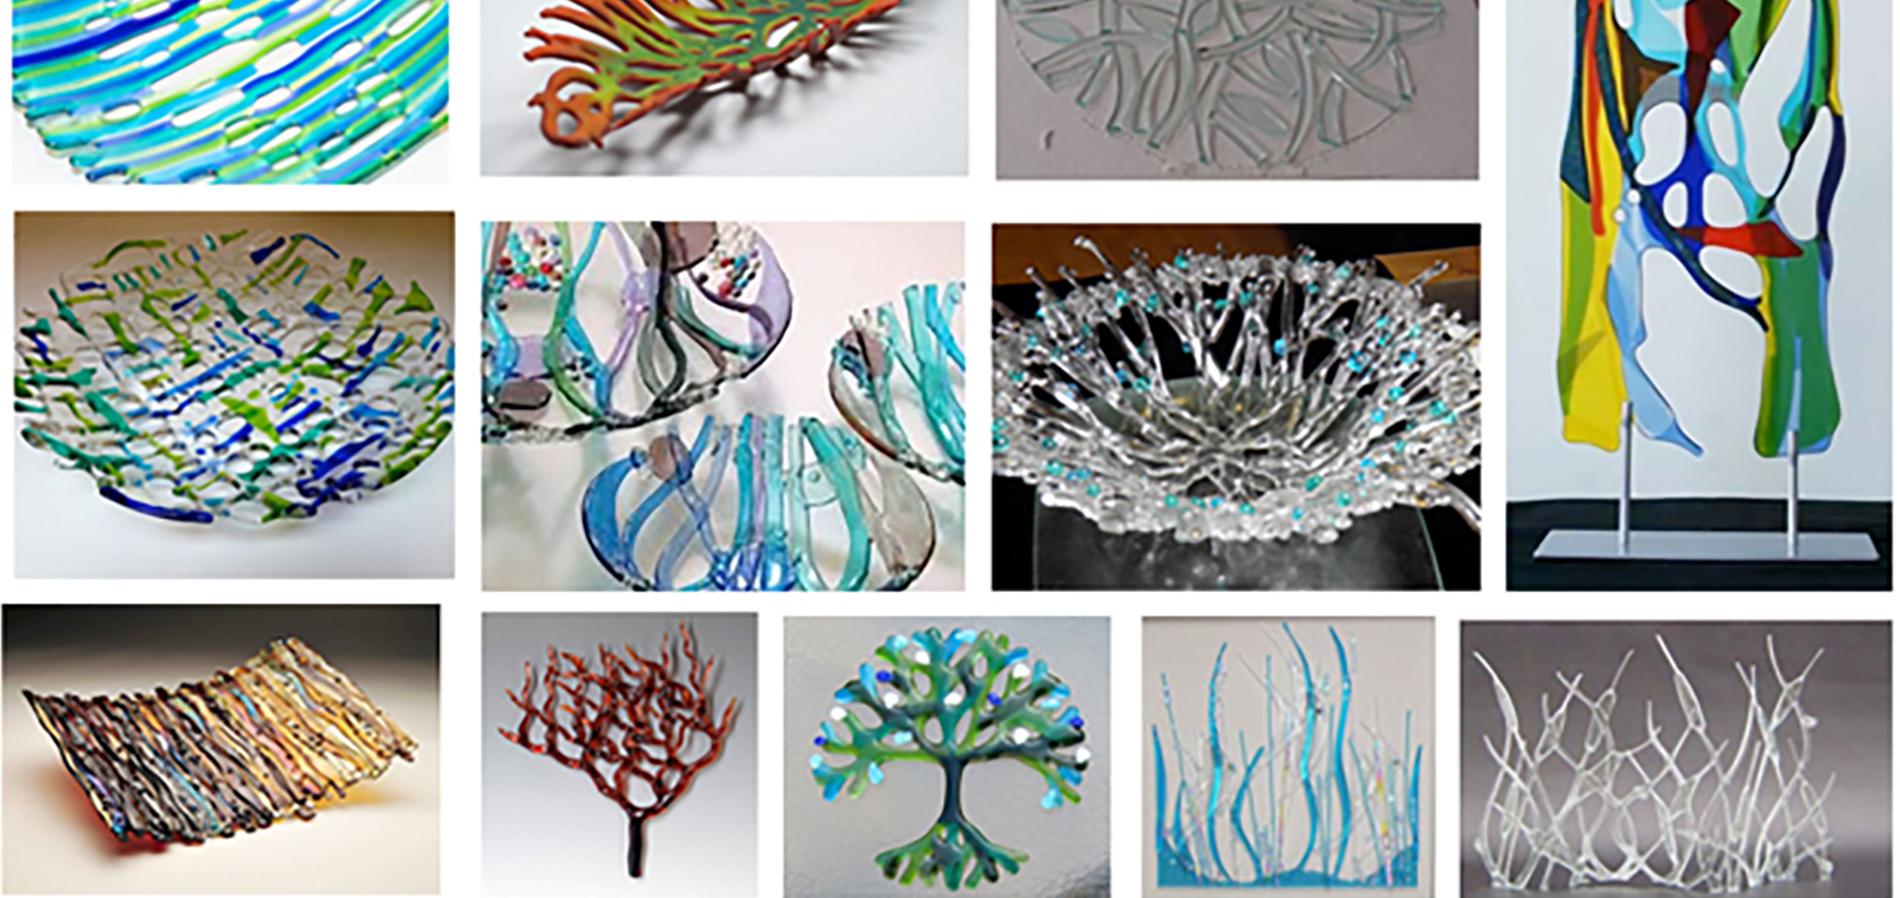 Open Woven Glass Art